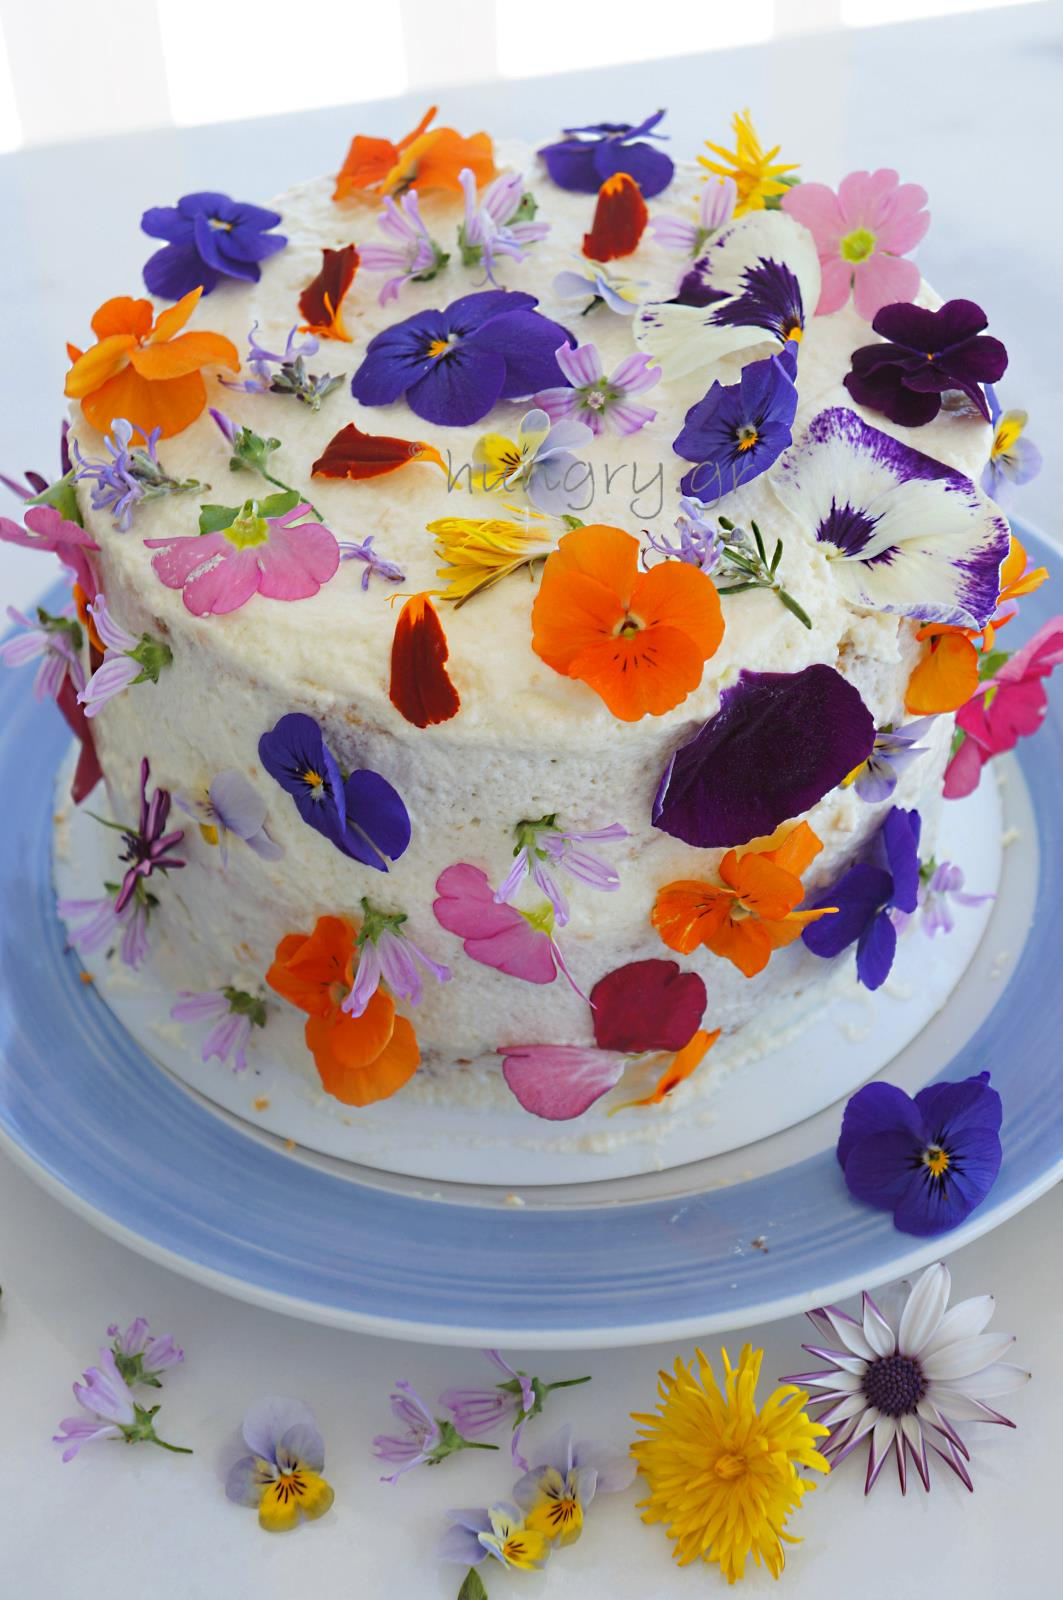 Kitchen Stories Spring Flower Birthday Cake